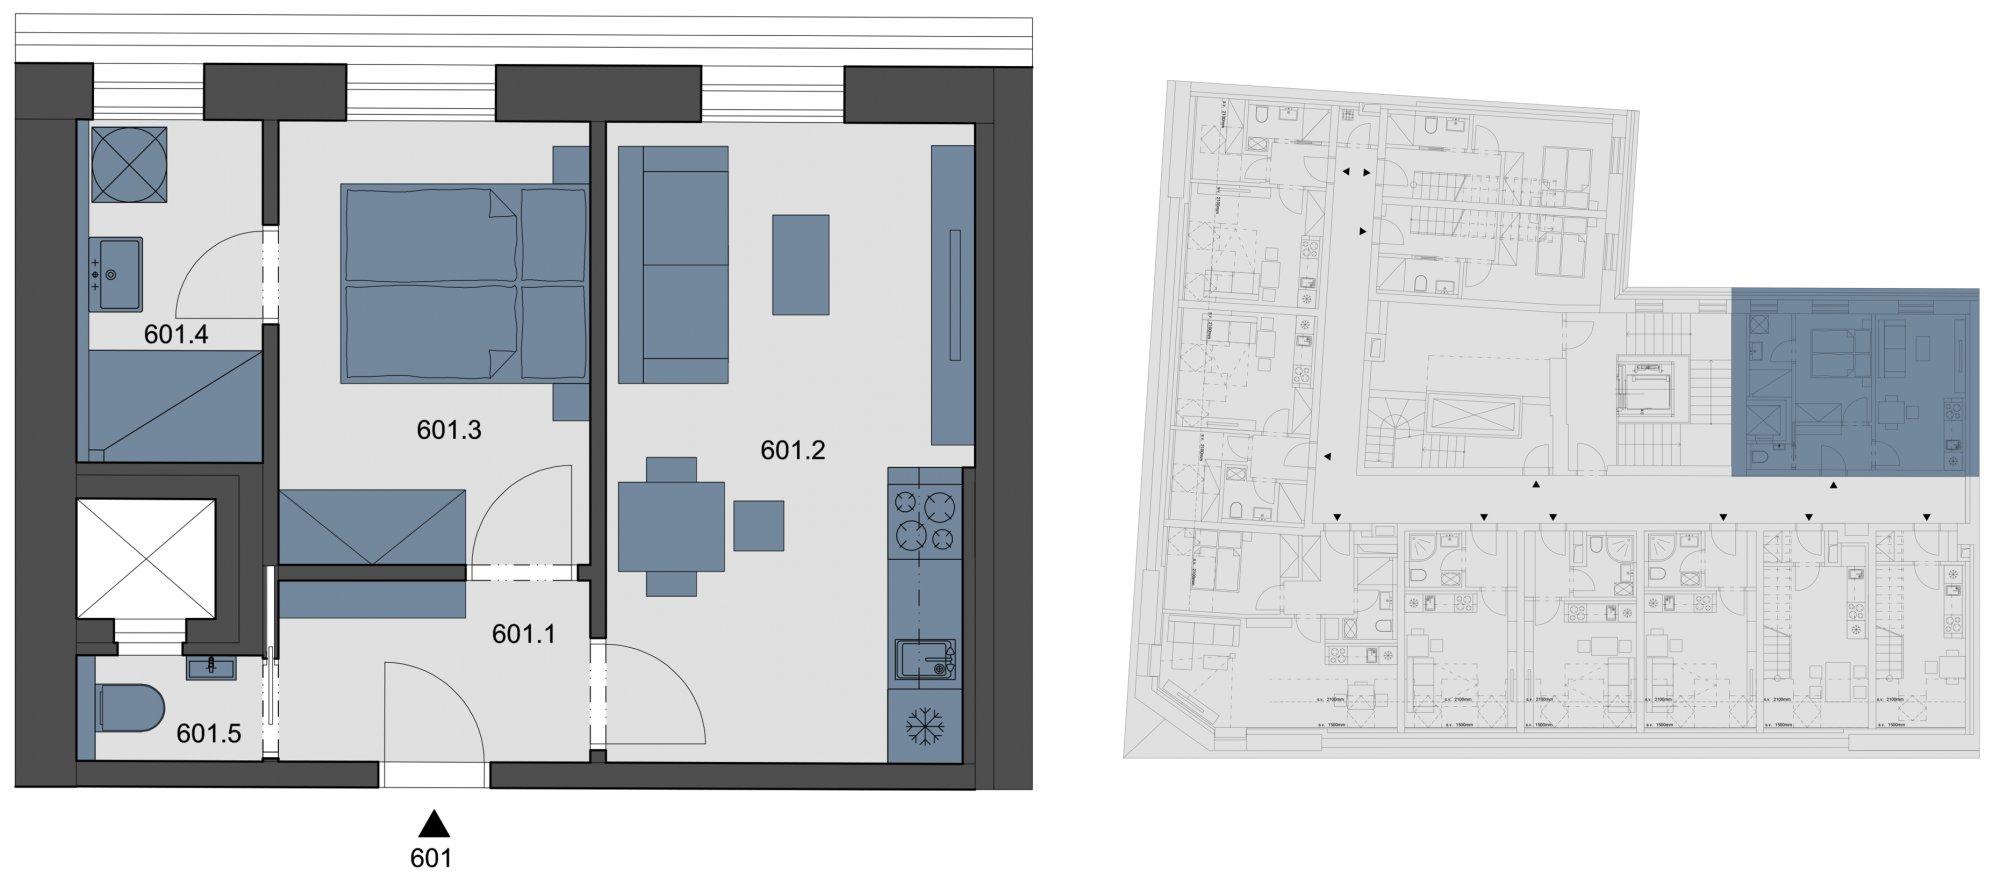 Půdorys - Půdní byt 2+kk, plocha 33 m², ulice Tyršova, Praha 2 - Nové Město